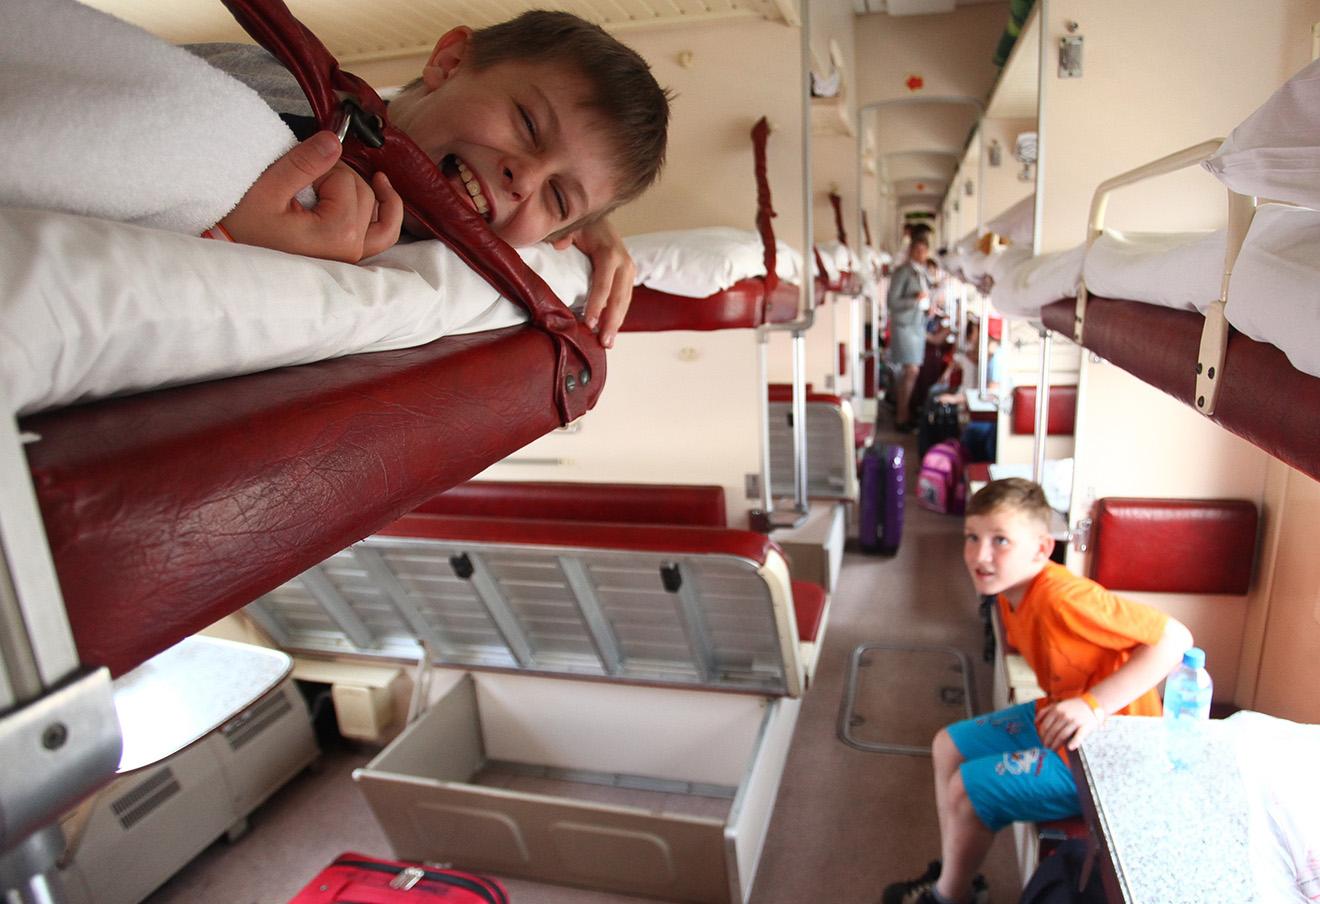 Во время отправки детей в детский летний лагерь. Фото: Александр Щербак / ТАСС